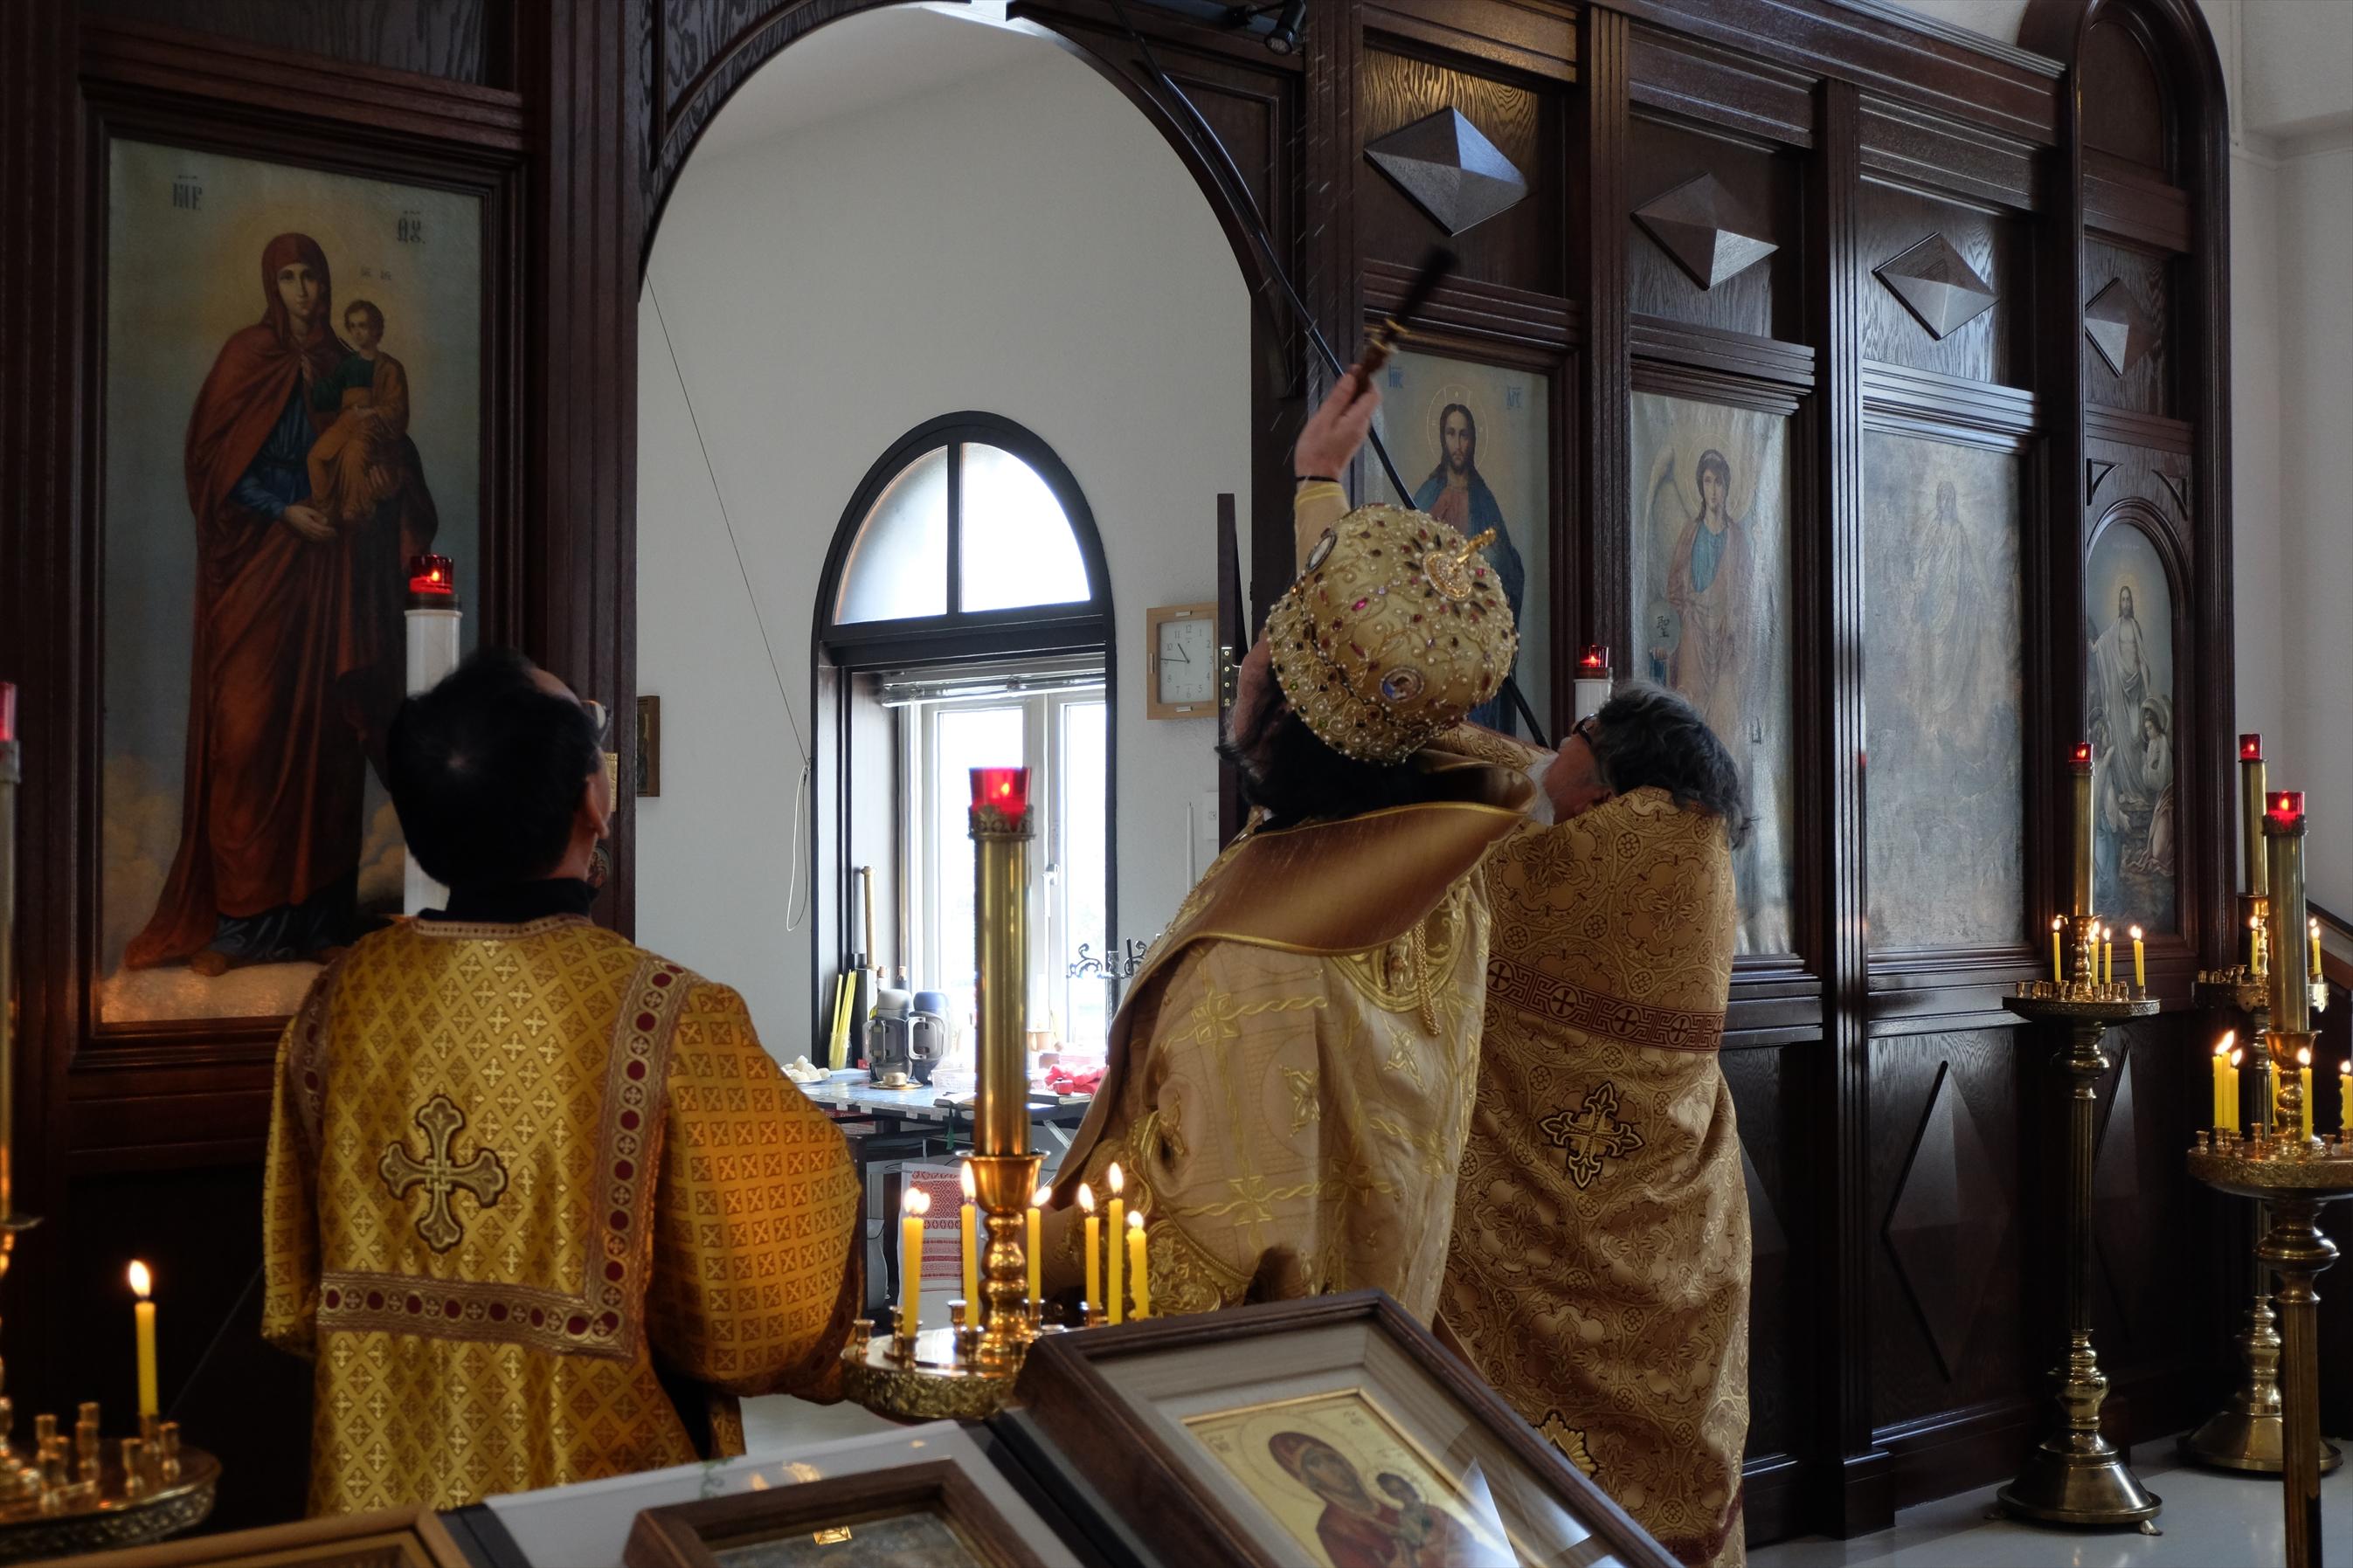 聖水を注ぎ聖膏が塗布される